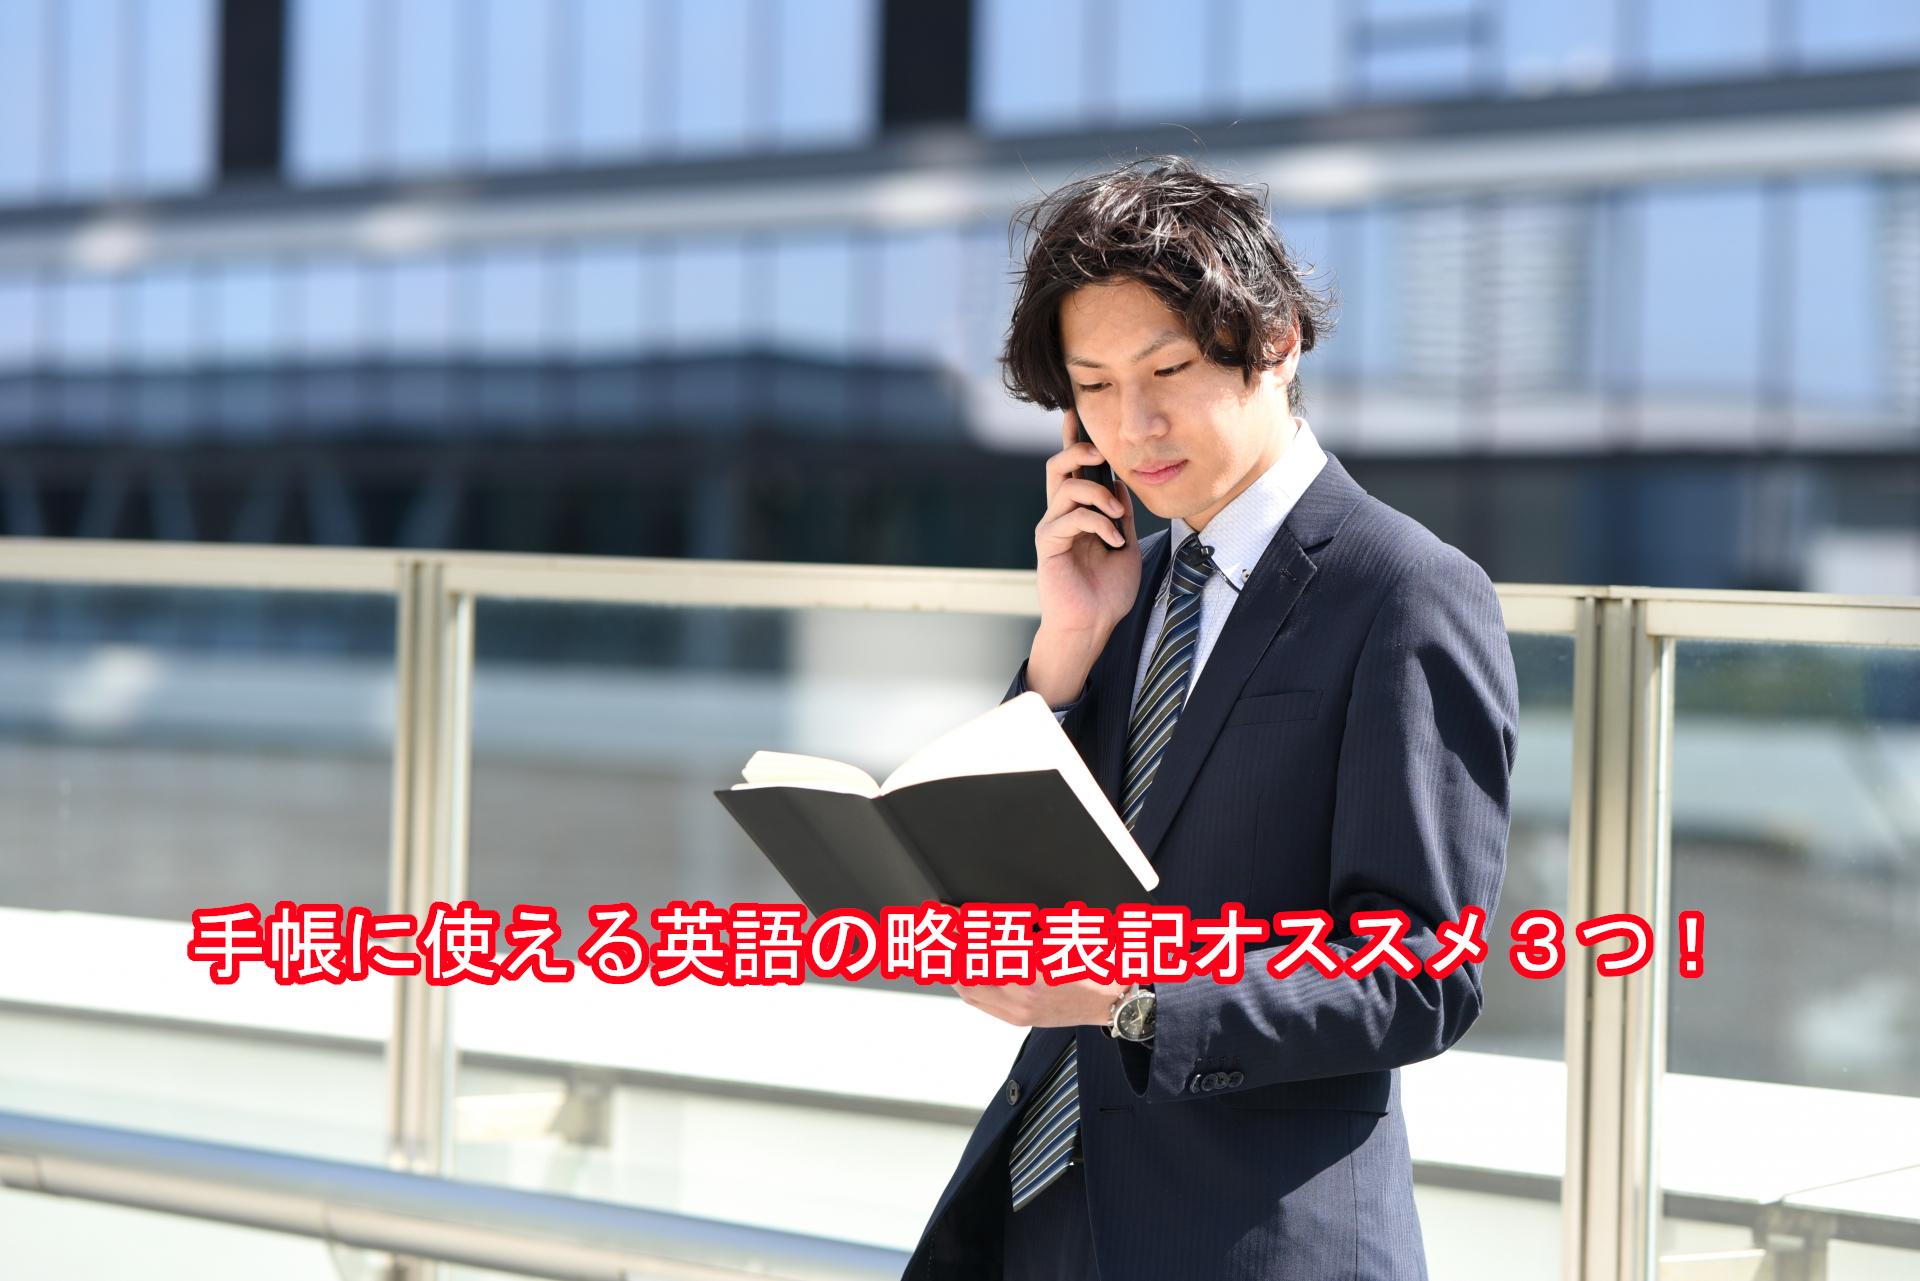 手帳の英語略語オススメ3つ